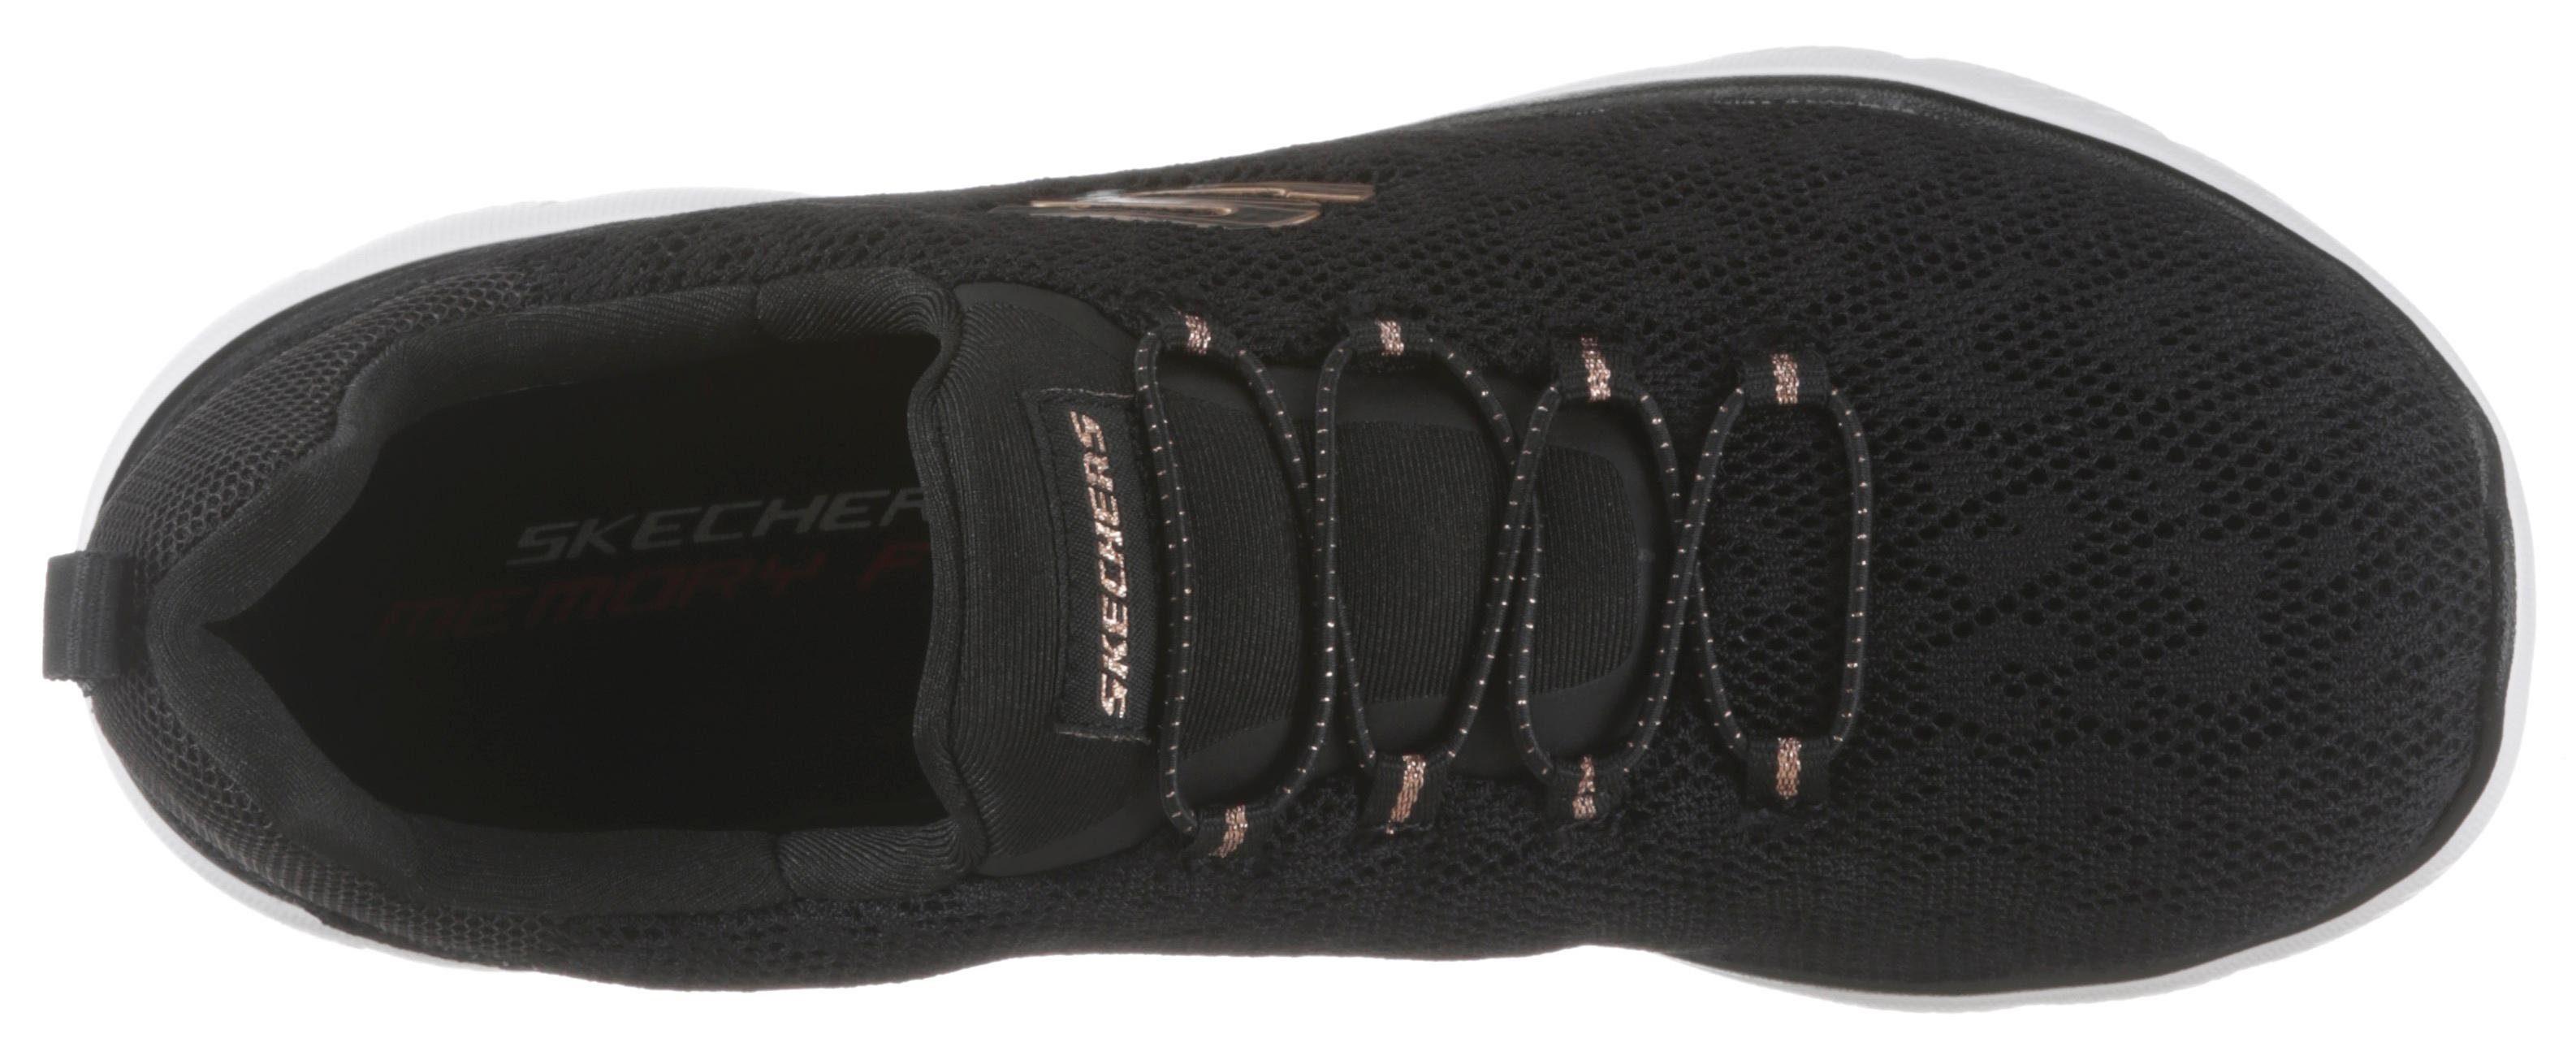 Skechers Slip-on Sneakers Summits Online Verkrijgbaar - Geweldige Prijs